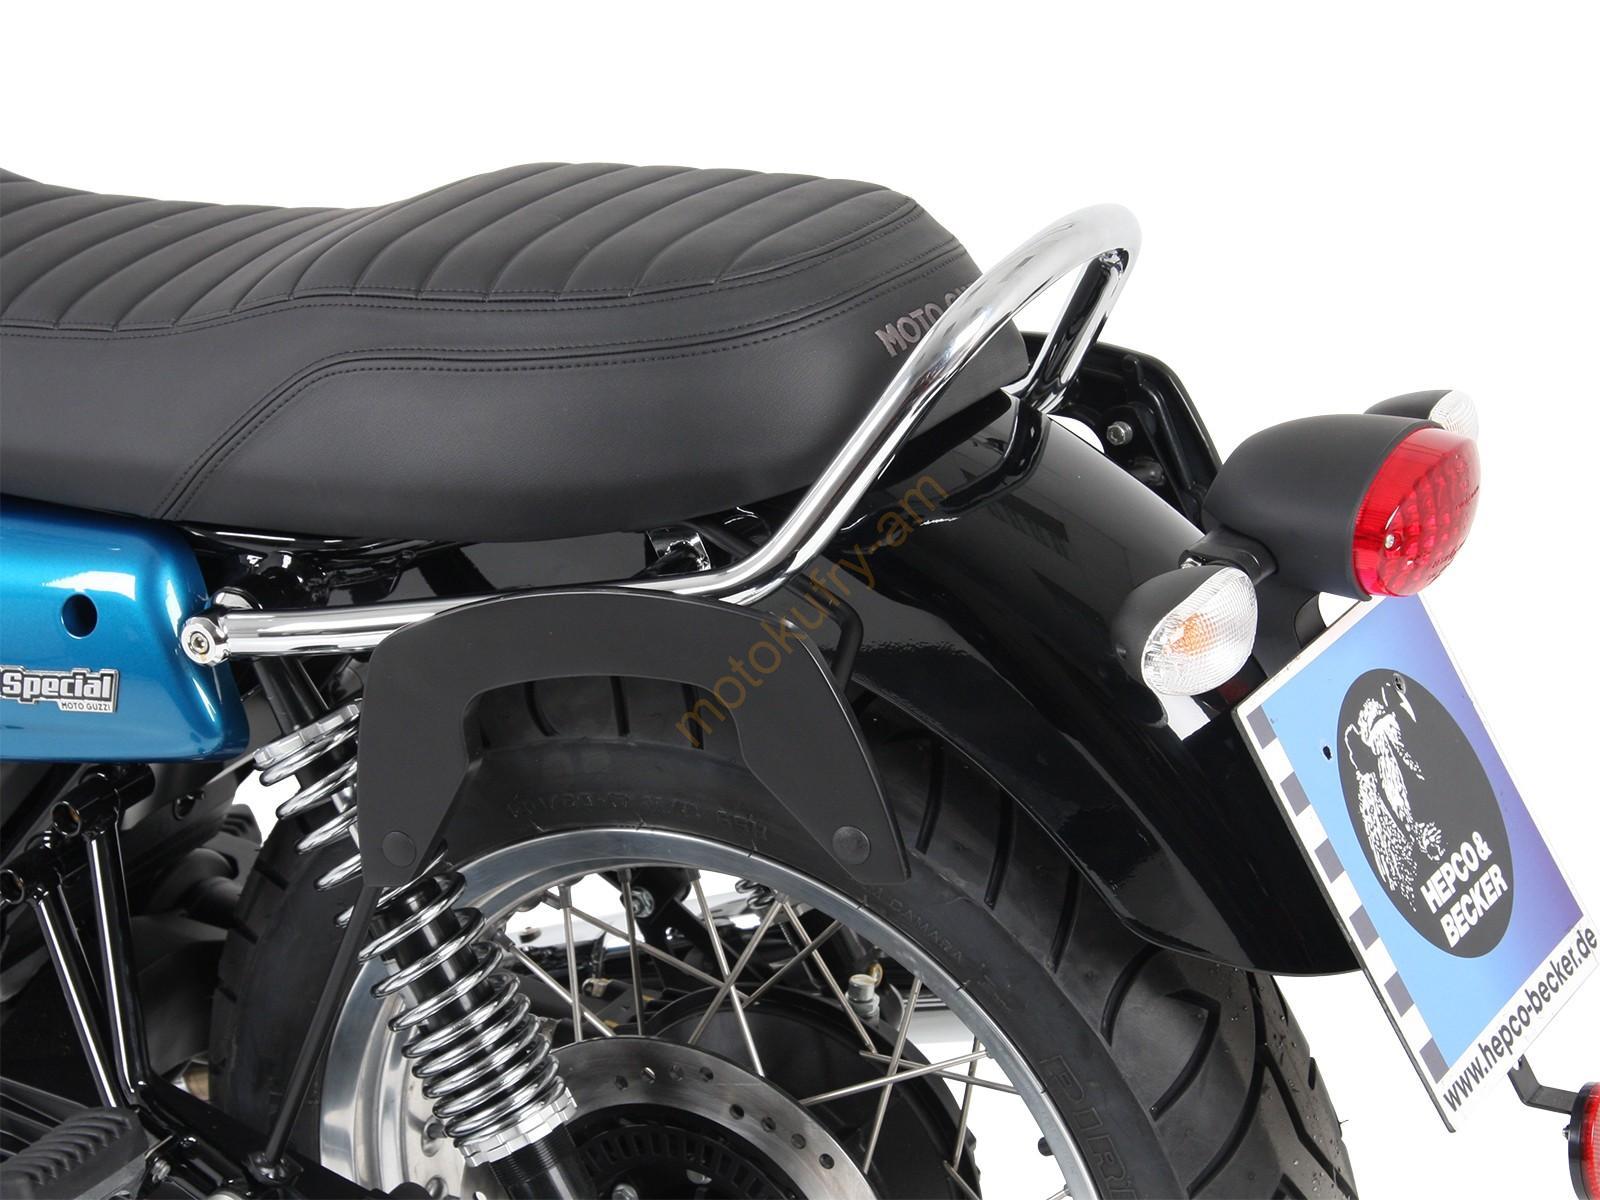 Moto Guzzi V 7 III stone  special   Anniversario 630550 00 01 ... ab11926a67